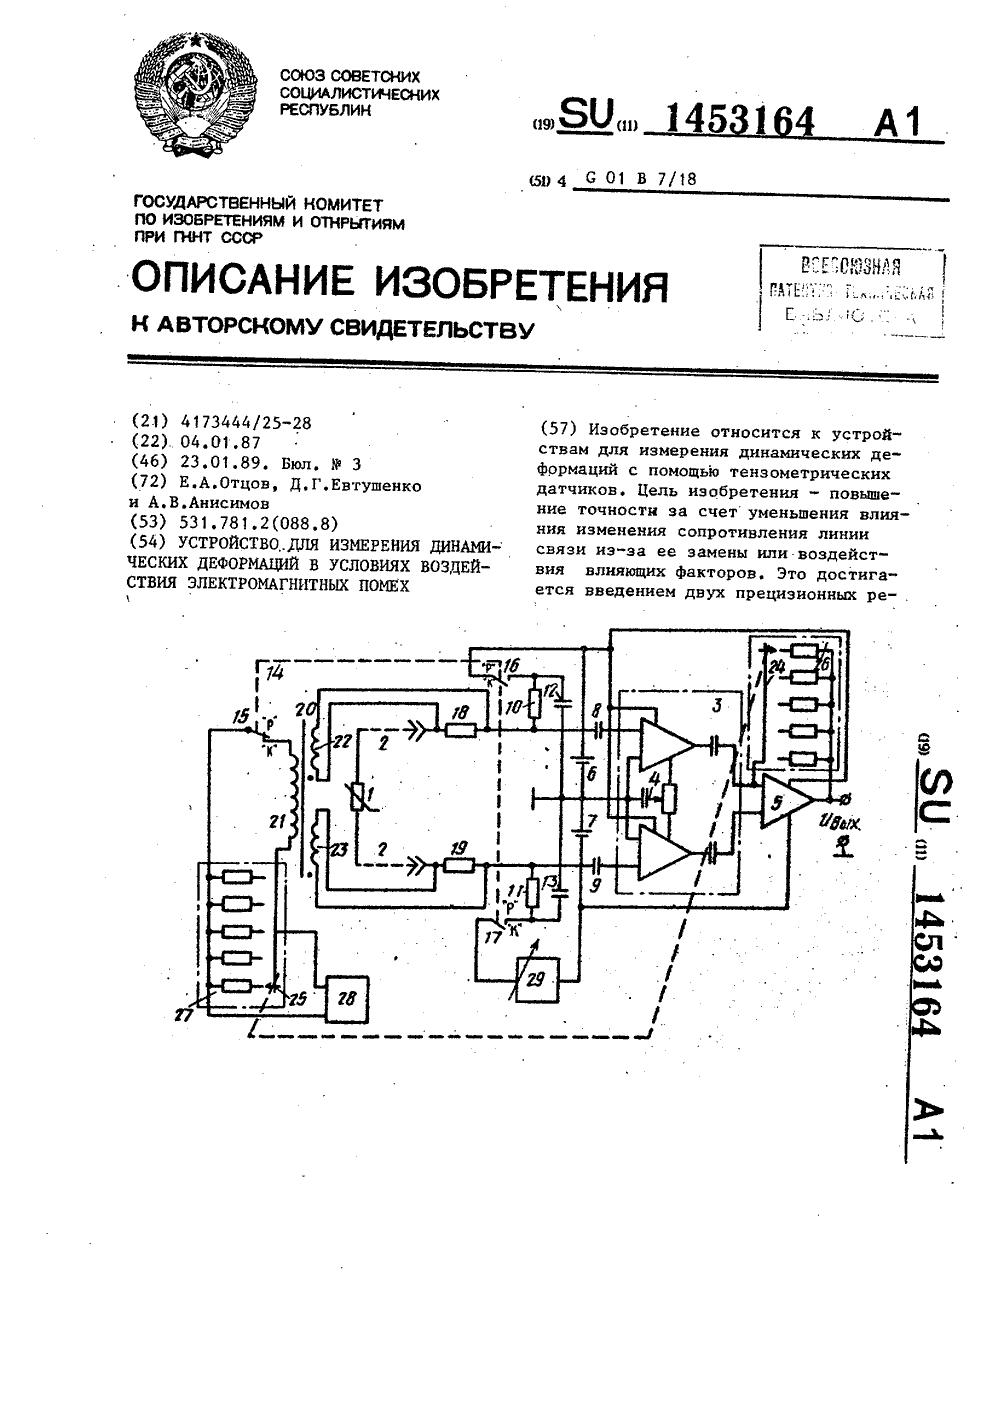 генератор помех схема анисимова